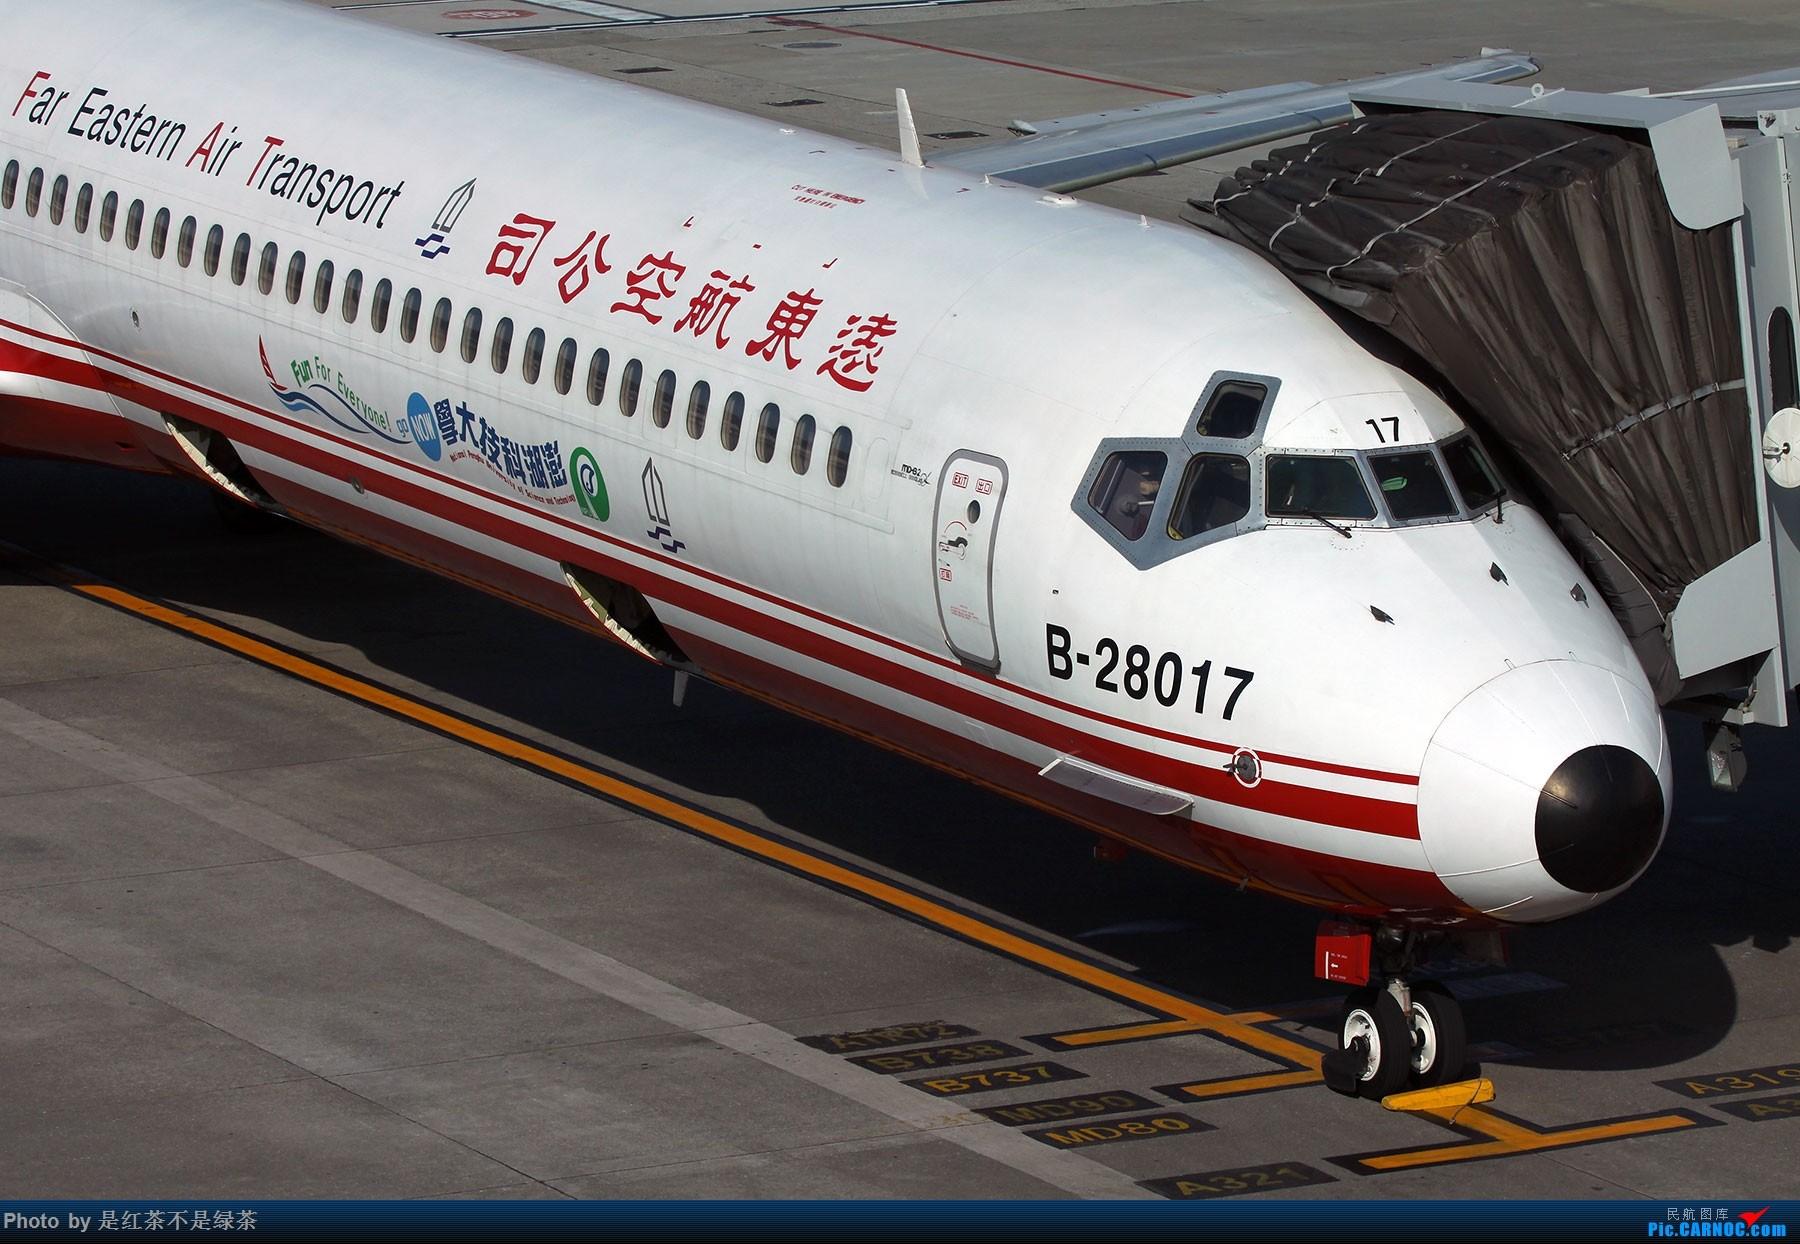 Re:[原创]【红茶拍机】第一次走进宝岛,利用一小时的空闲时间拍了几架大陆不太容易见到的家伙。 MD MD-80-82 B-28017 中国台北松山国际机场